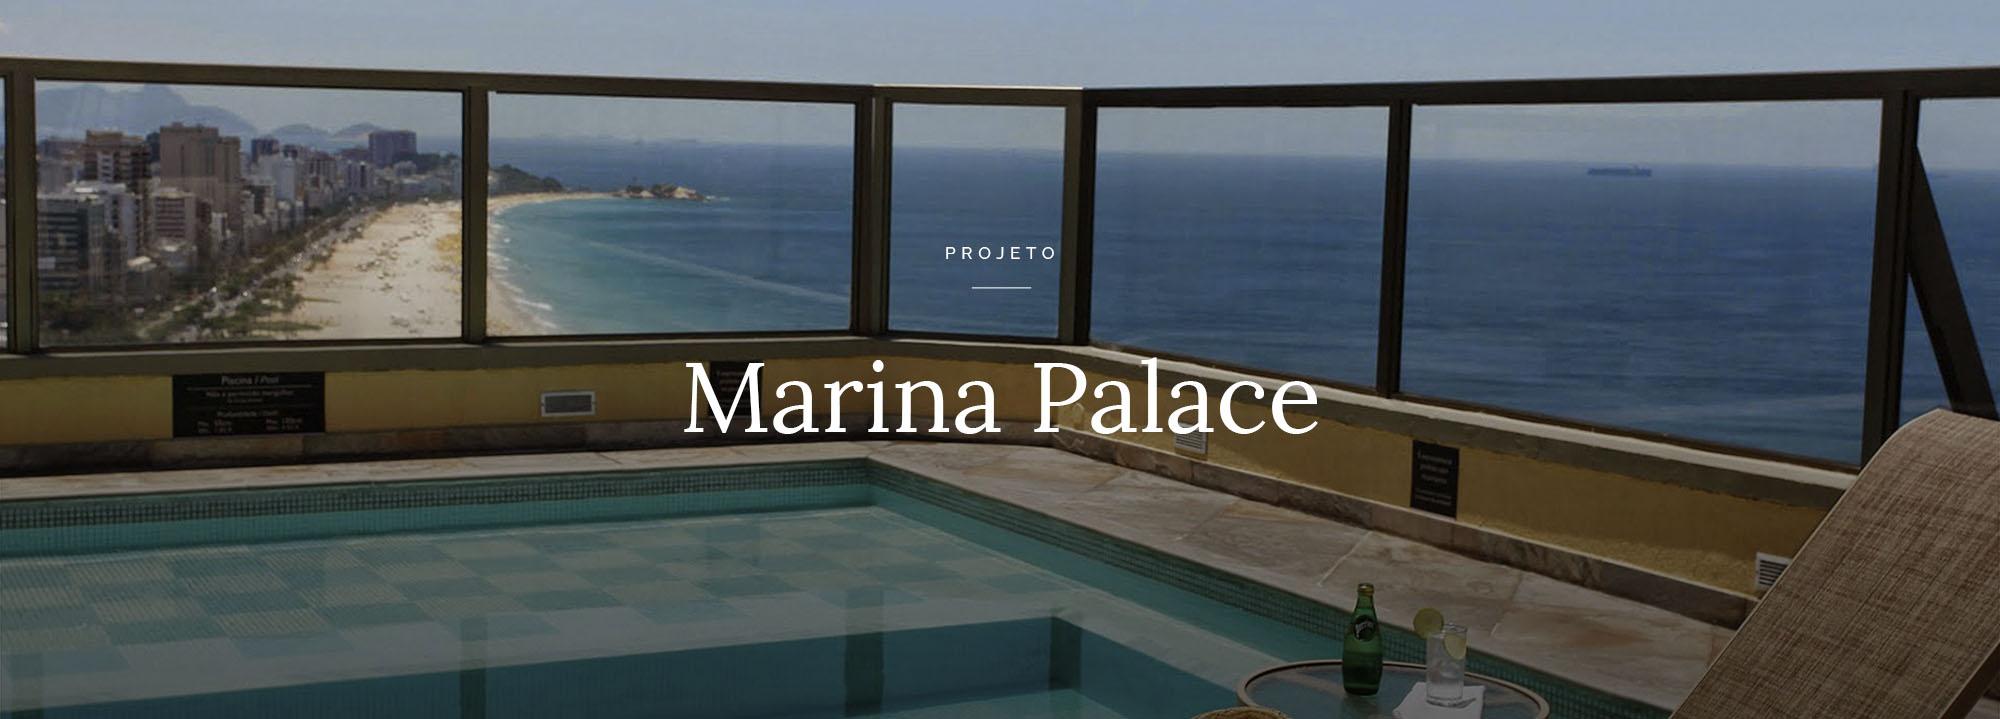 MarinaPalace